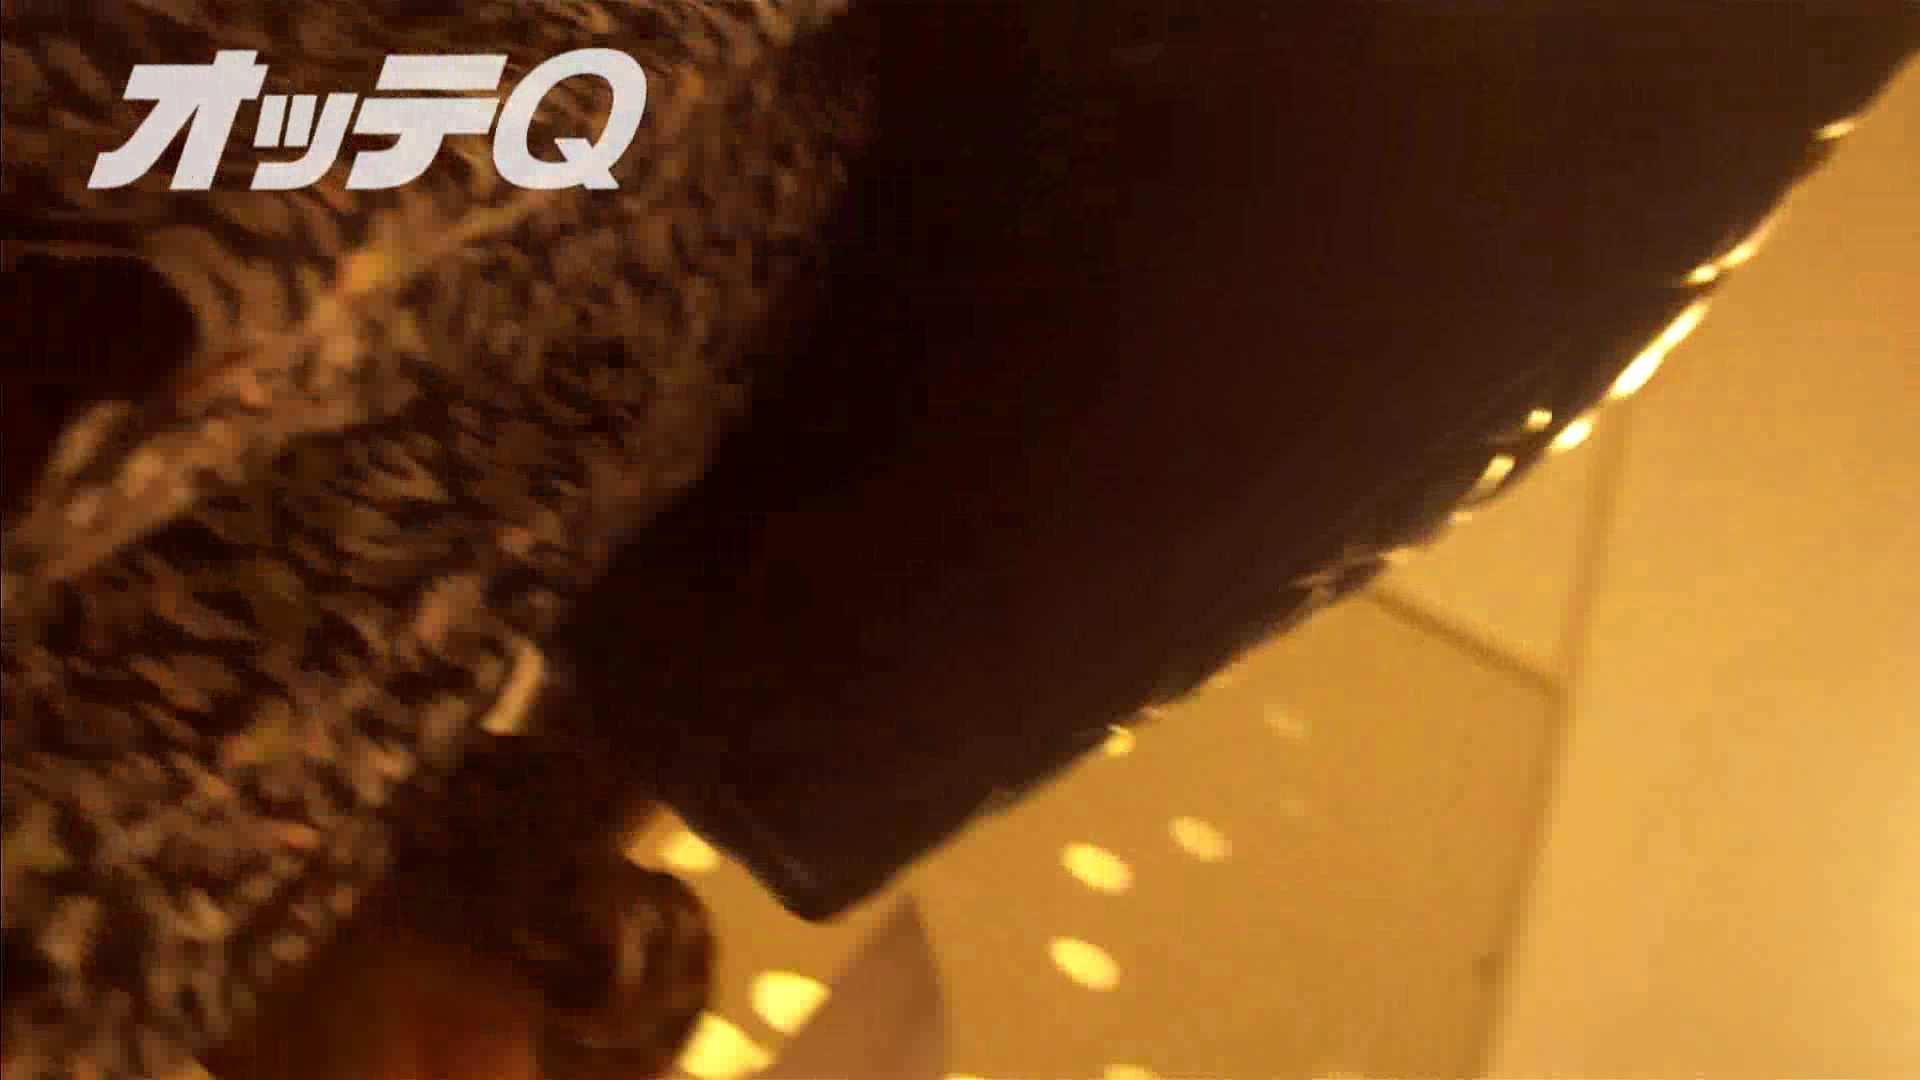 ハイビジョンパンチラ オッテQさんの追跡パンチラデパート編VOL.04 OLのエッチ オマンコ動画キャプチャ 105pic 98